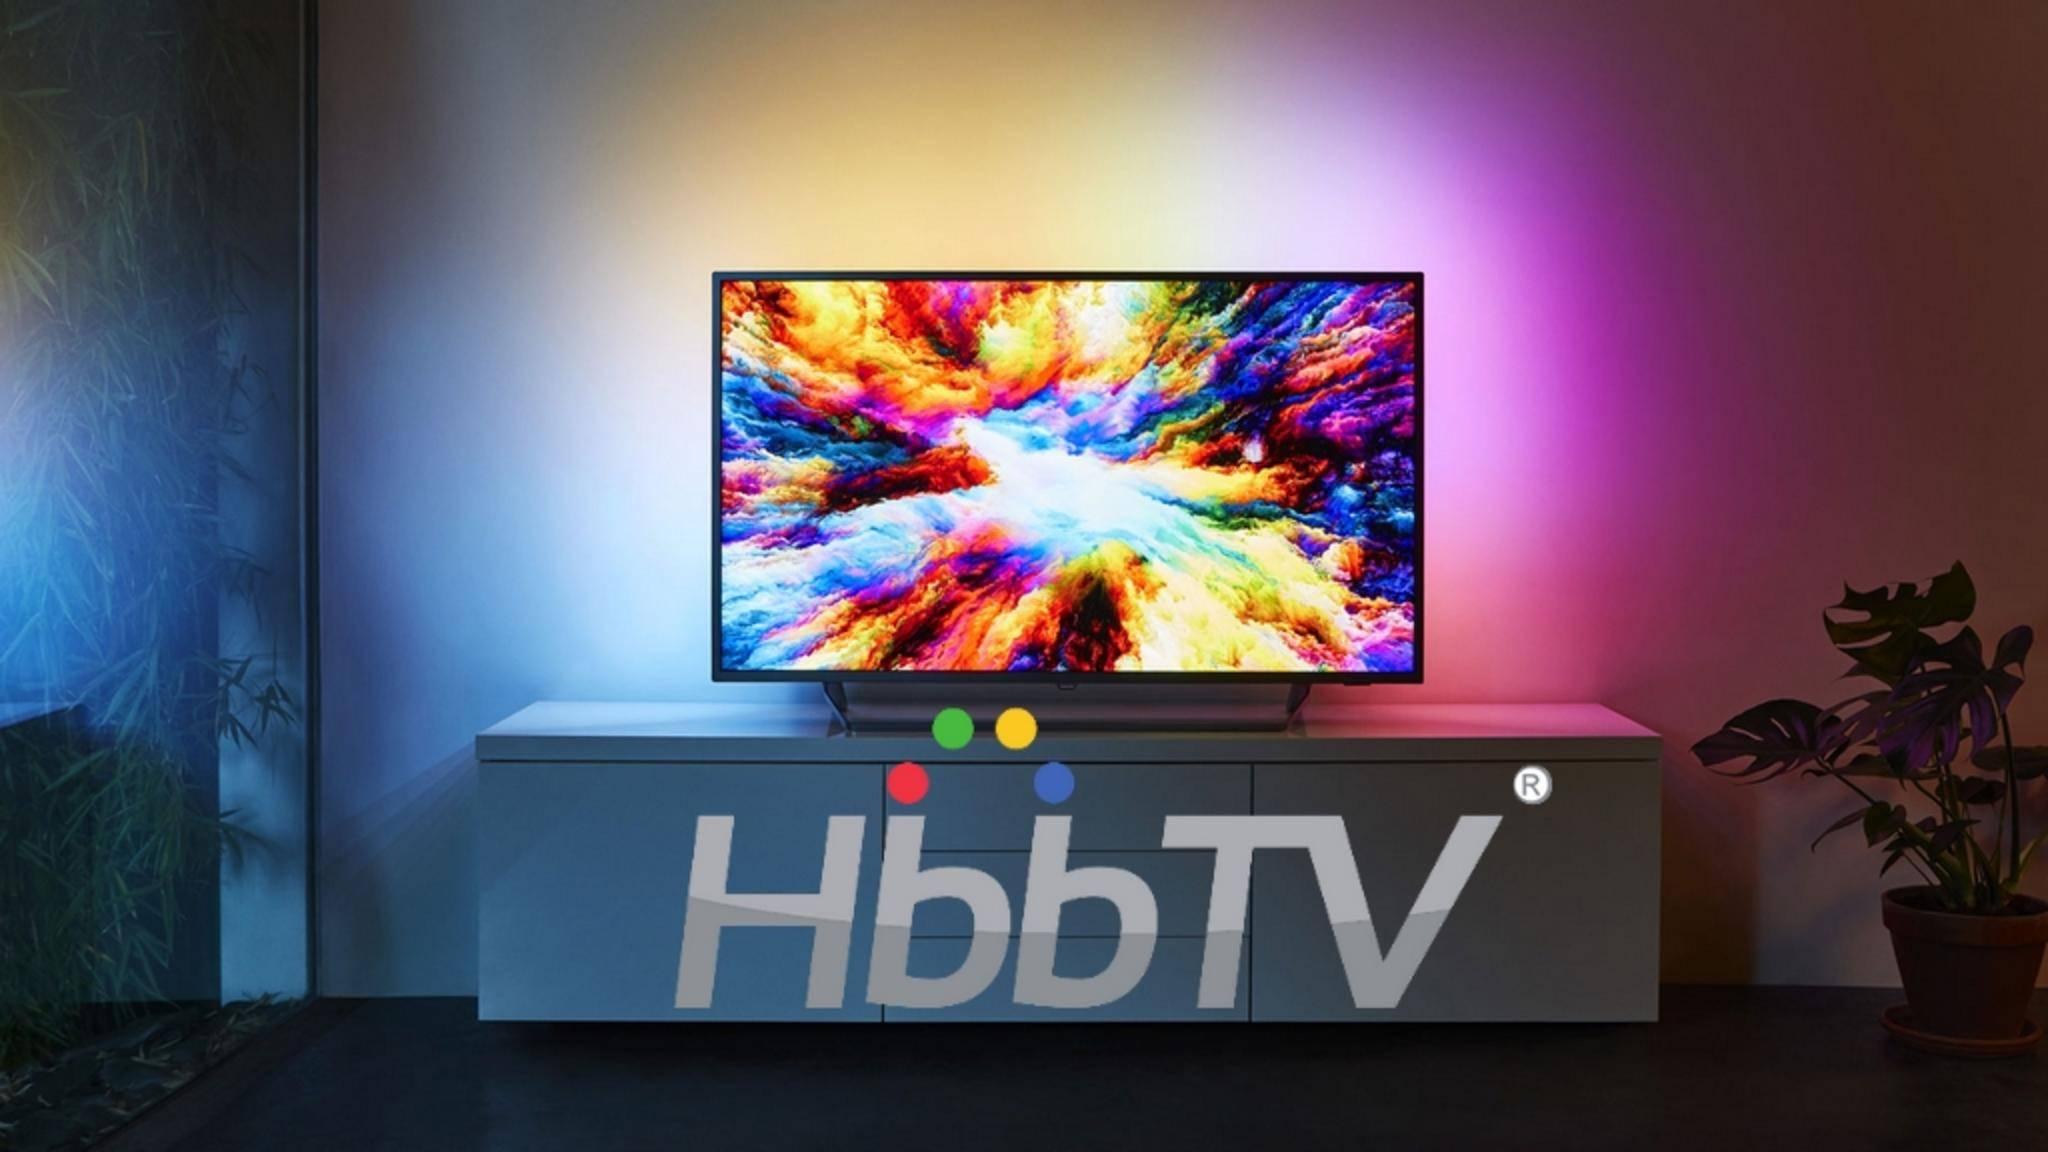 Fast jeder moderne Smart TV unterstützt auch HbbTV.